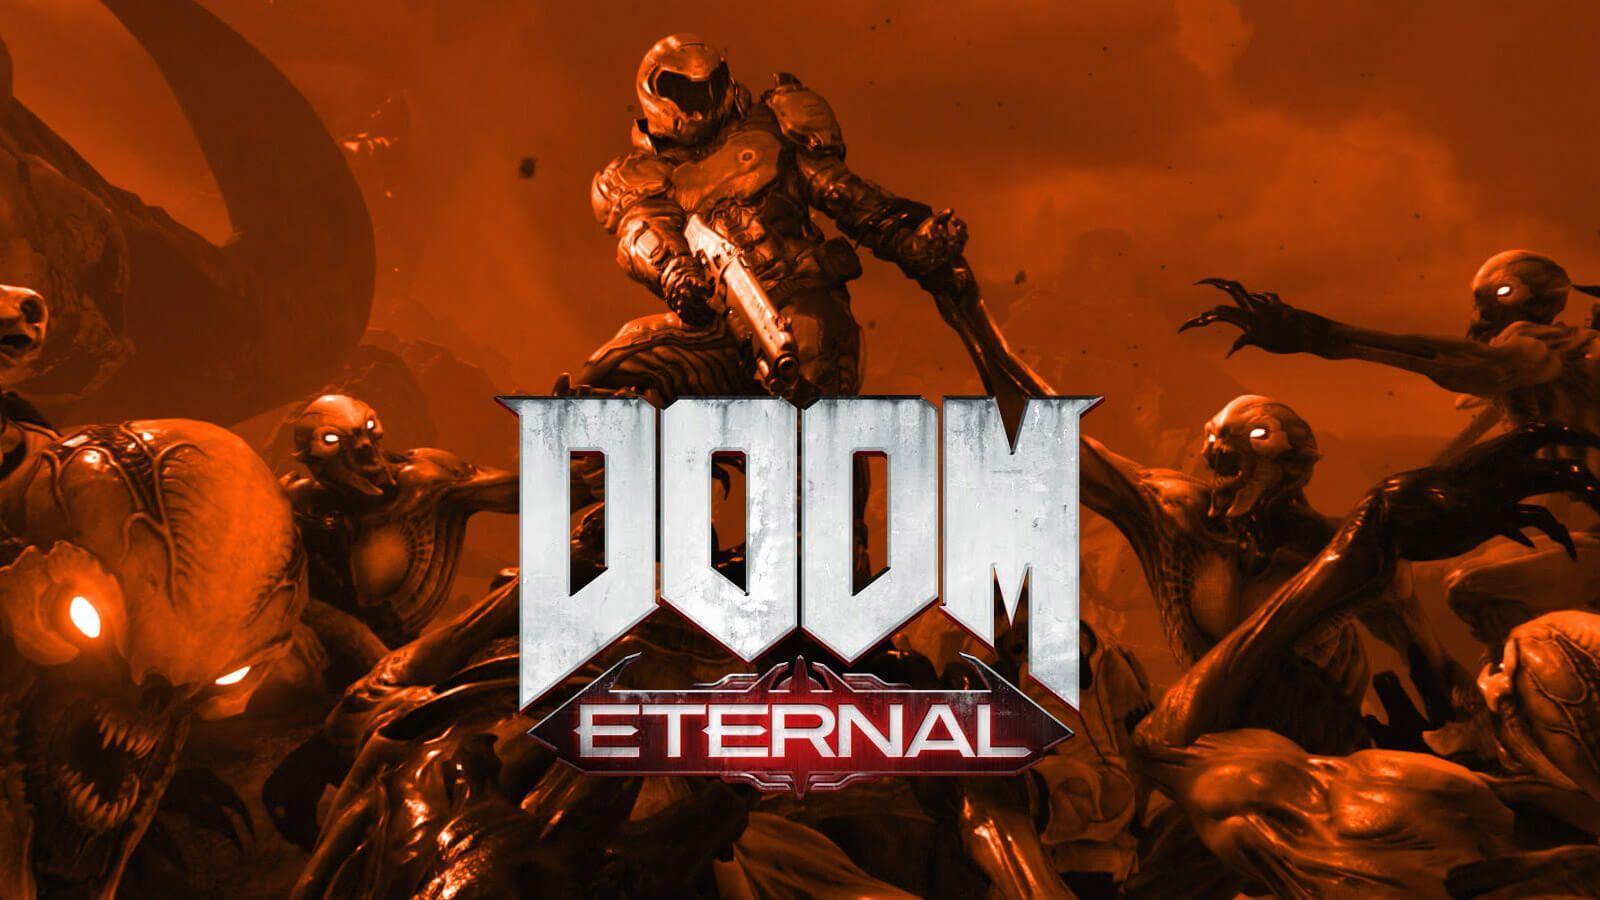 Doom Game Wallpaper 70 Images: Doom Eternal Wallpapers